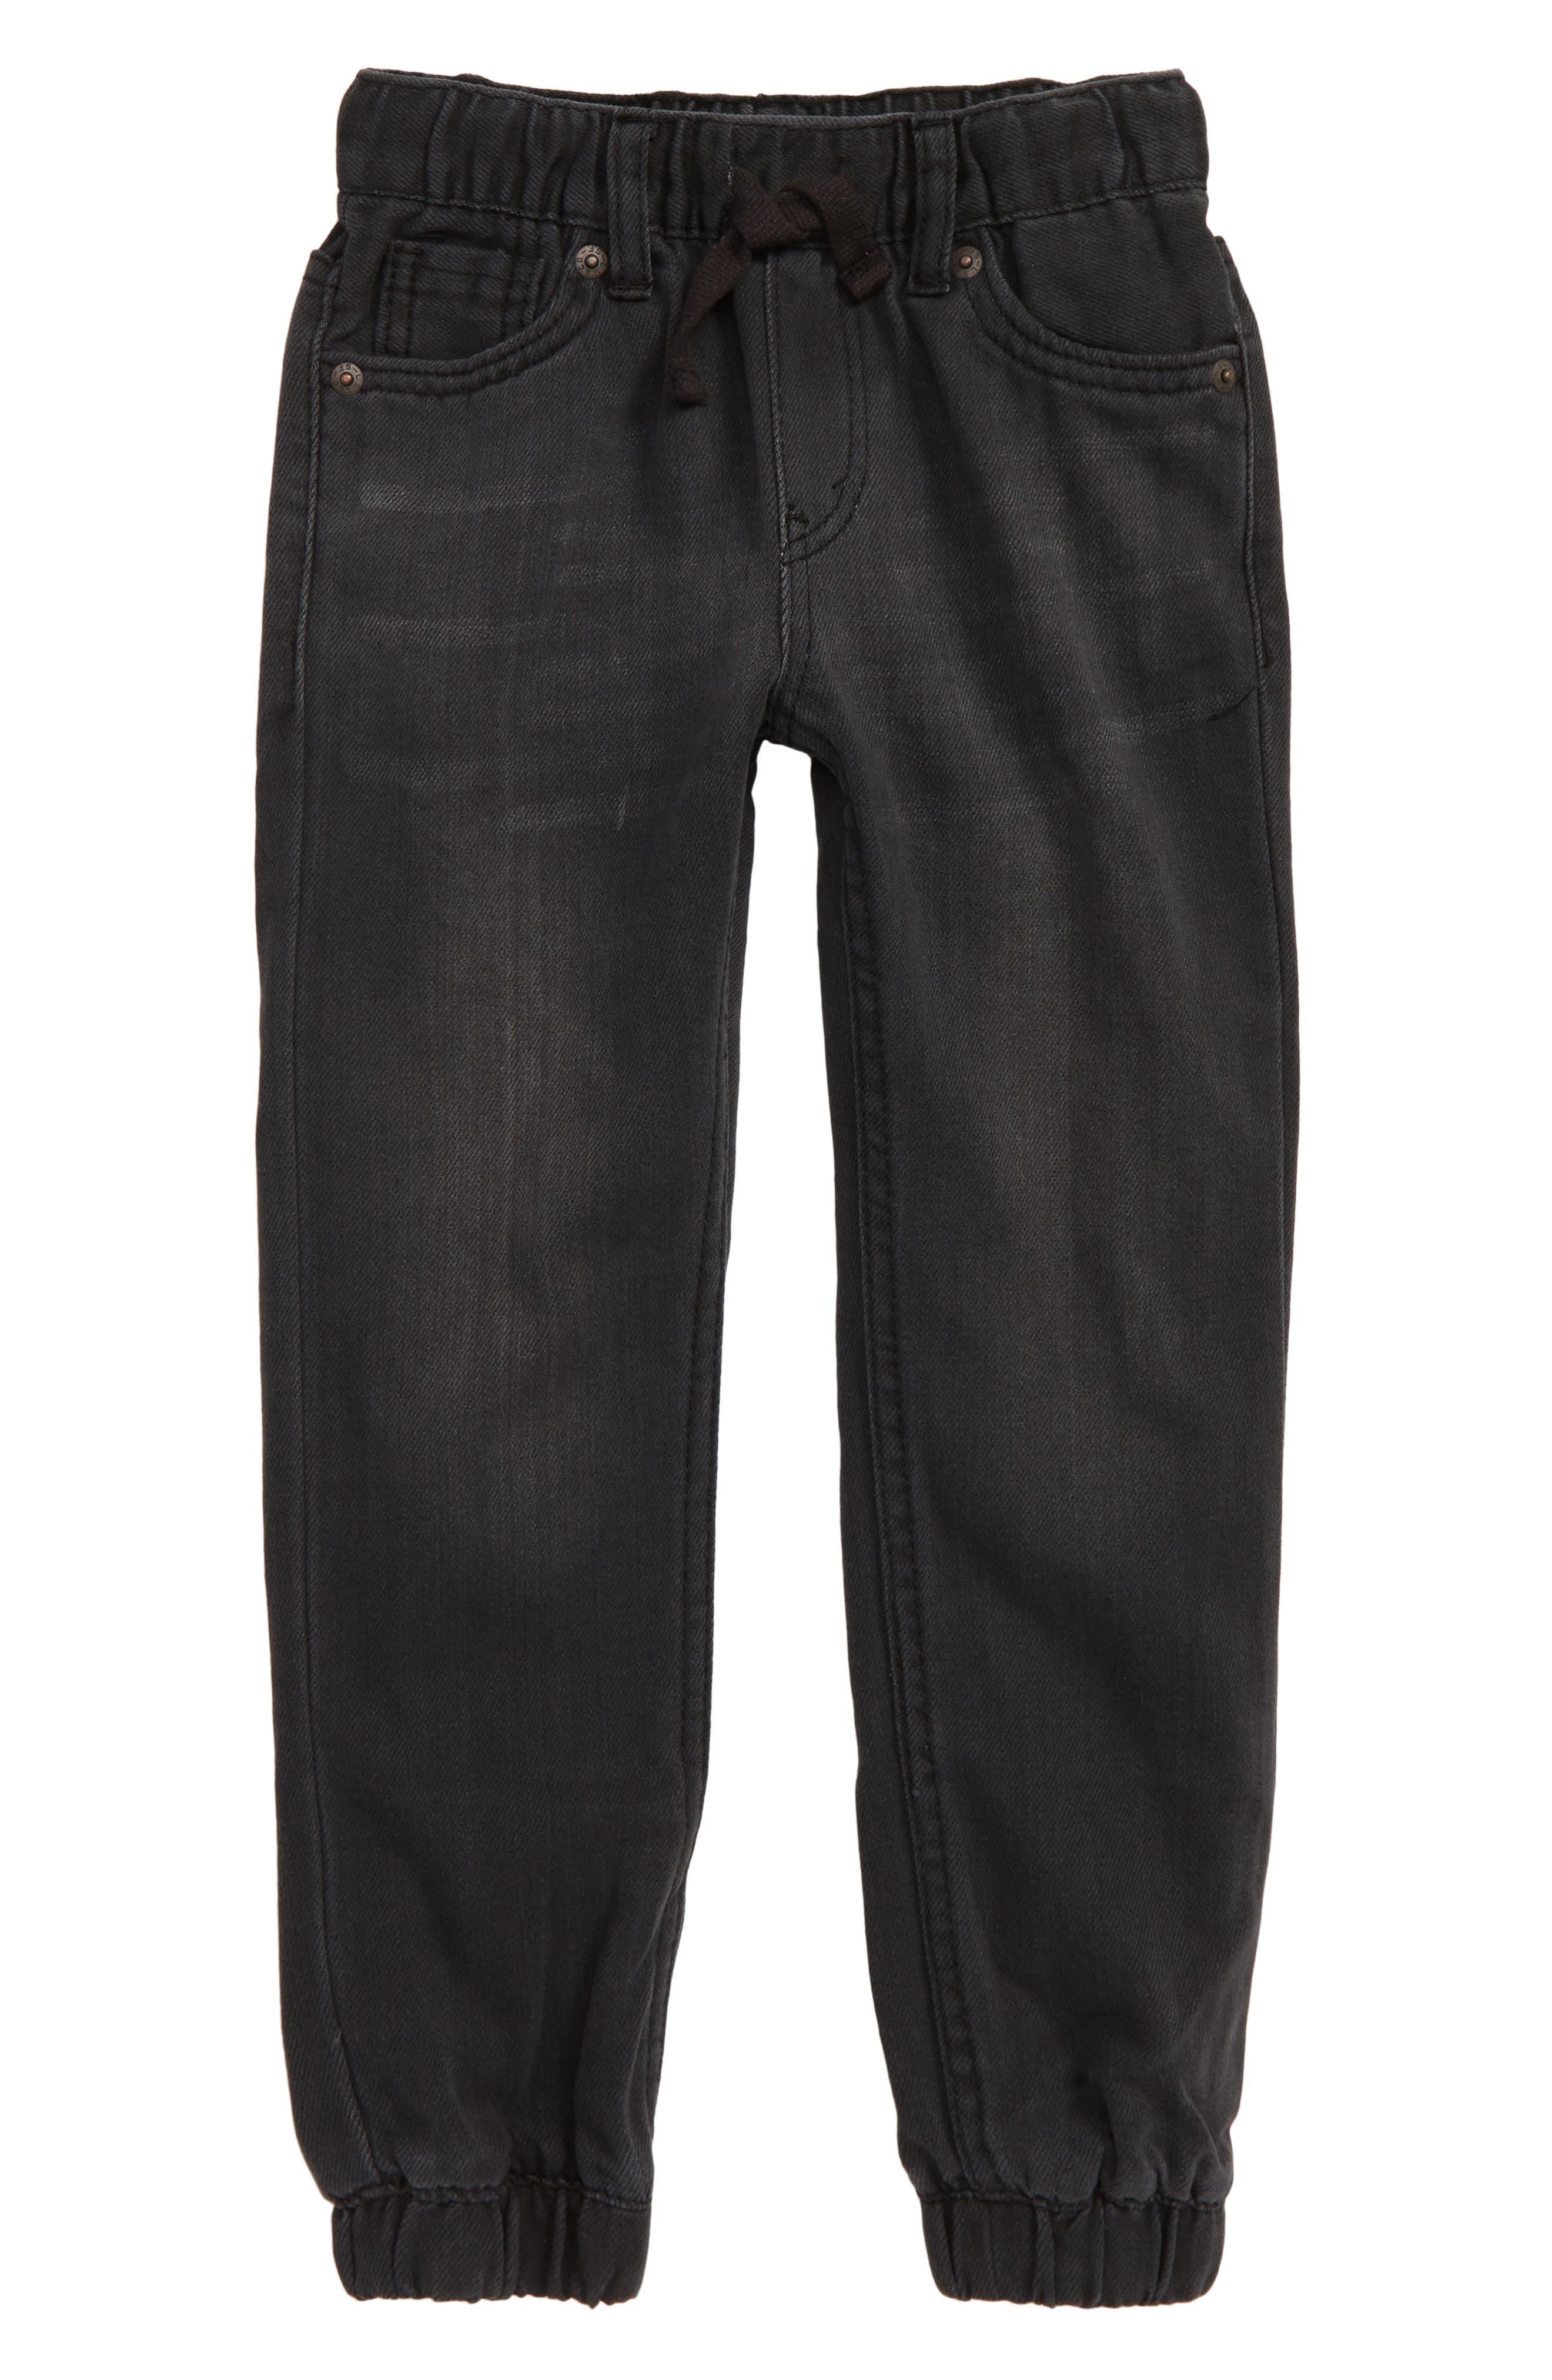 LEVI'S<SUP>®</SUP>, Denim Jogger Pants, Main thumbnail 1, color, BACK TO BLACK